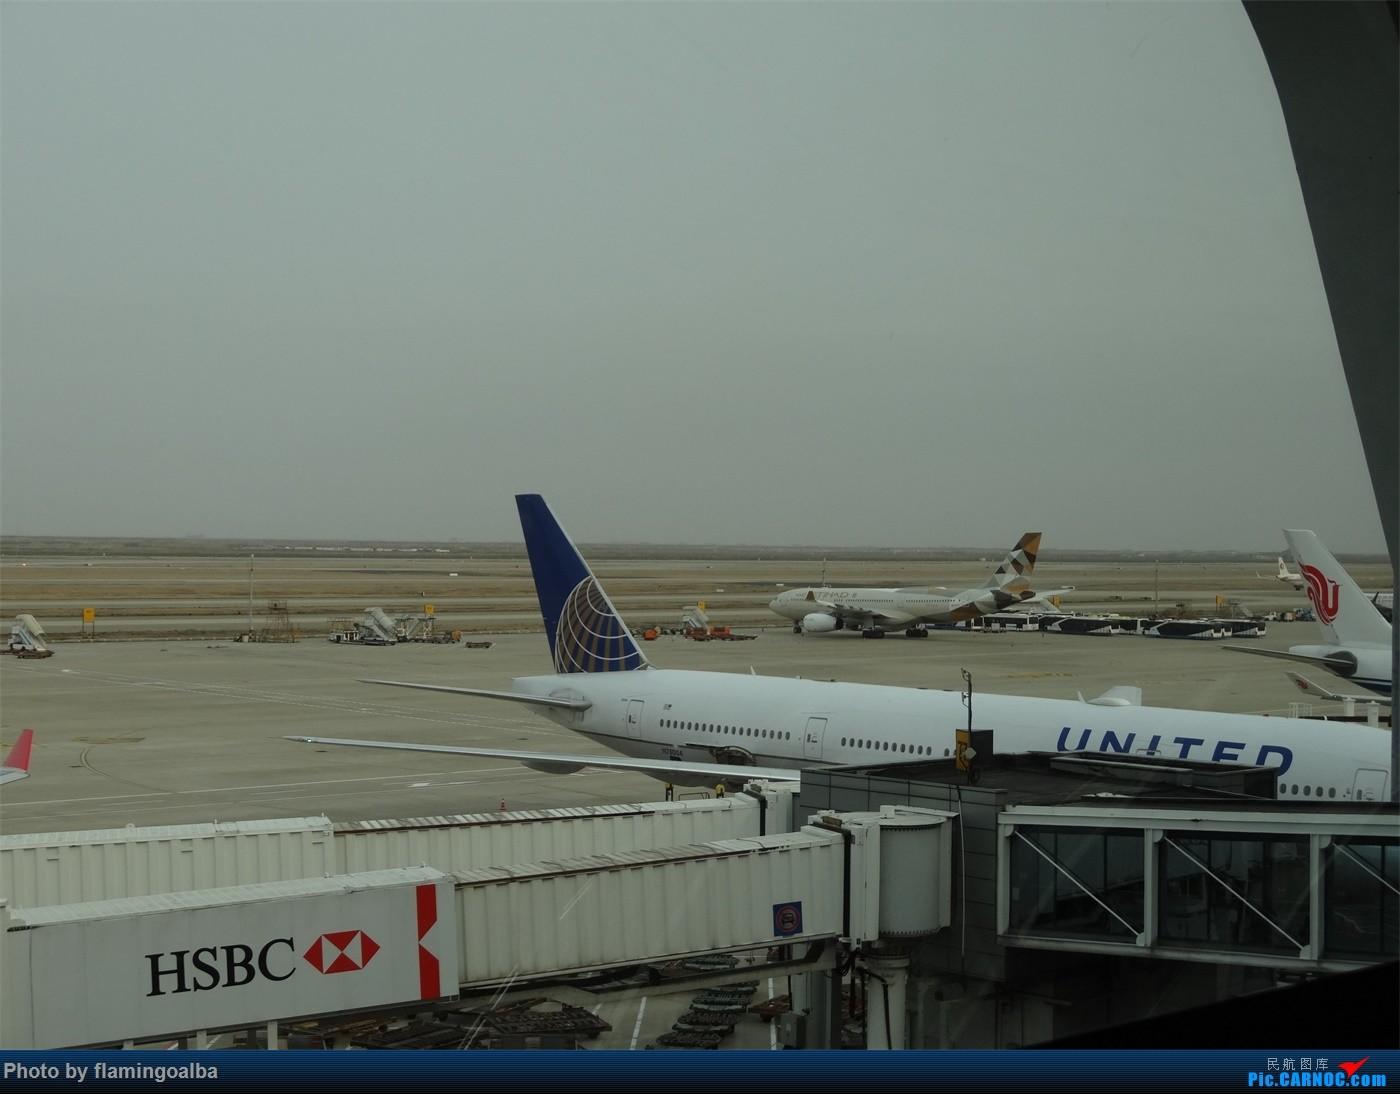 Re:[原创]浦东-达拉斯-纽瓦克-华盛顿里根-拉斯维加斯-洛杉矶-达拉斯-浦东 B777-200 N7-8004 中国上海浦东国际机场